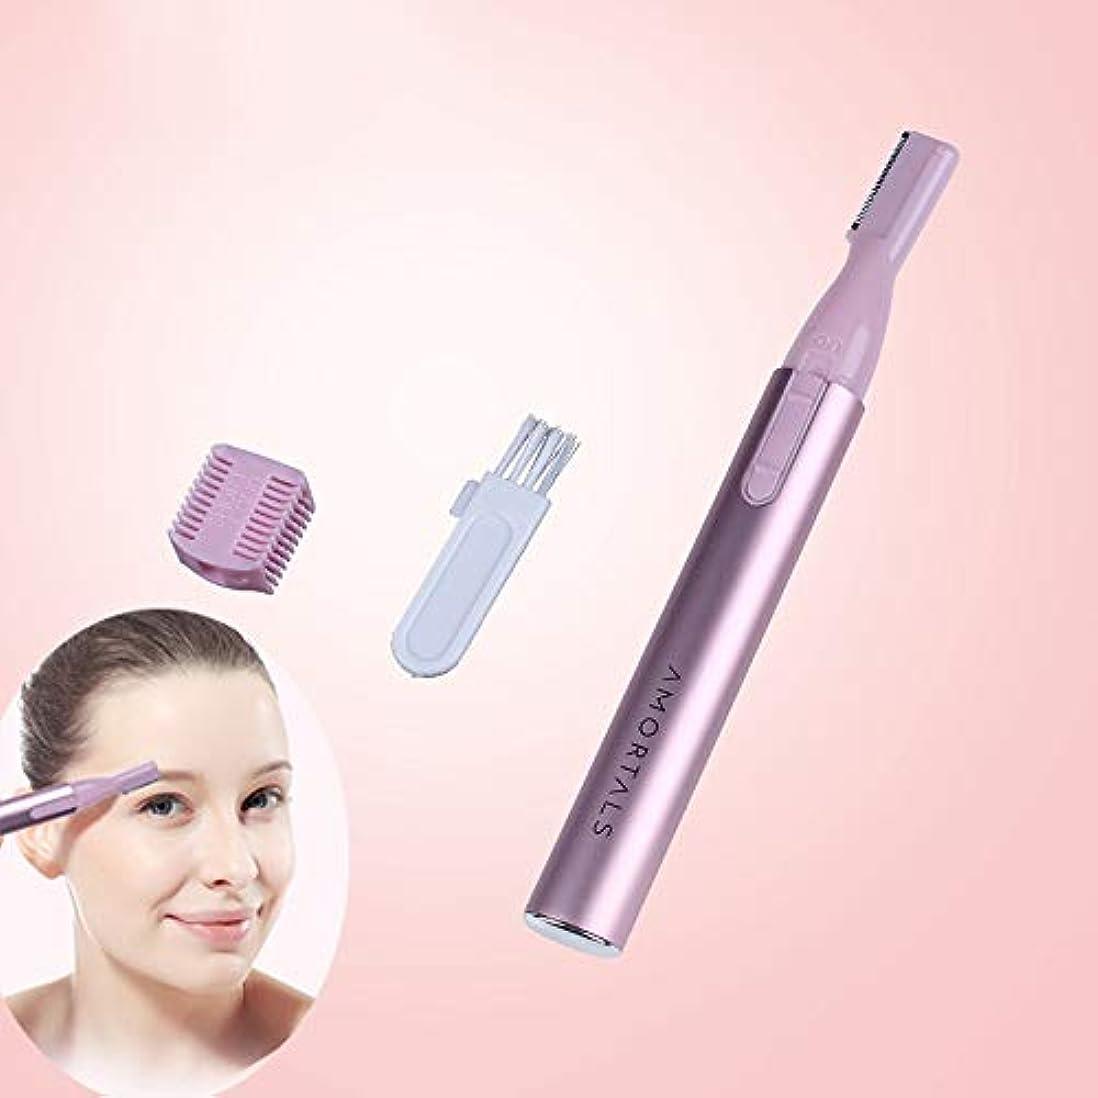 ベイビー寺院見積り脇の下/足/体/髪の女性の顔のトリマーのための携帯用電動眉毛トリマー、(電池式) (Color : Pink)